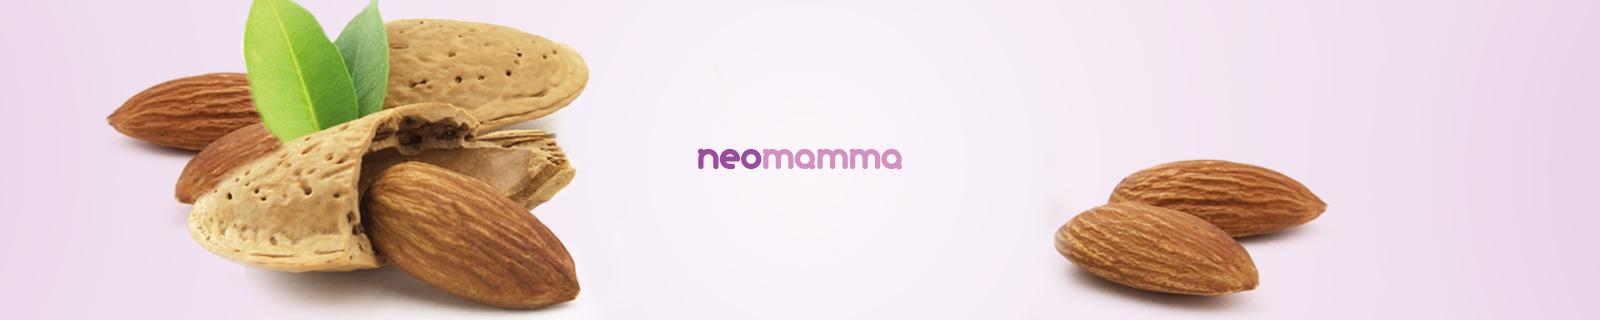 NeoMamma Crema Smagliature